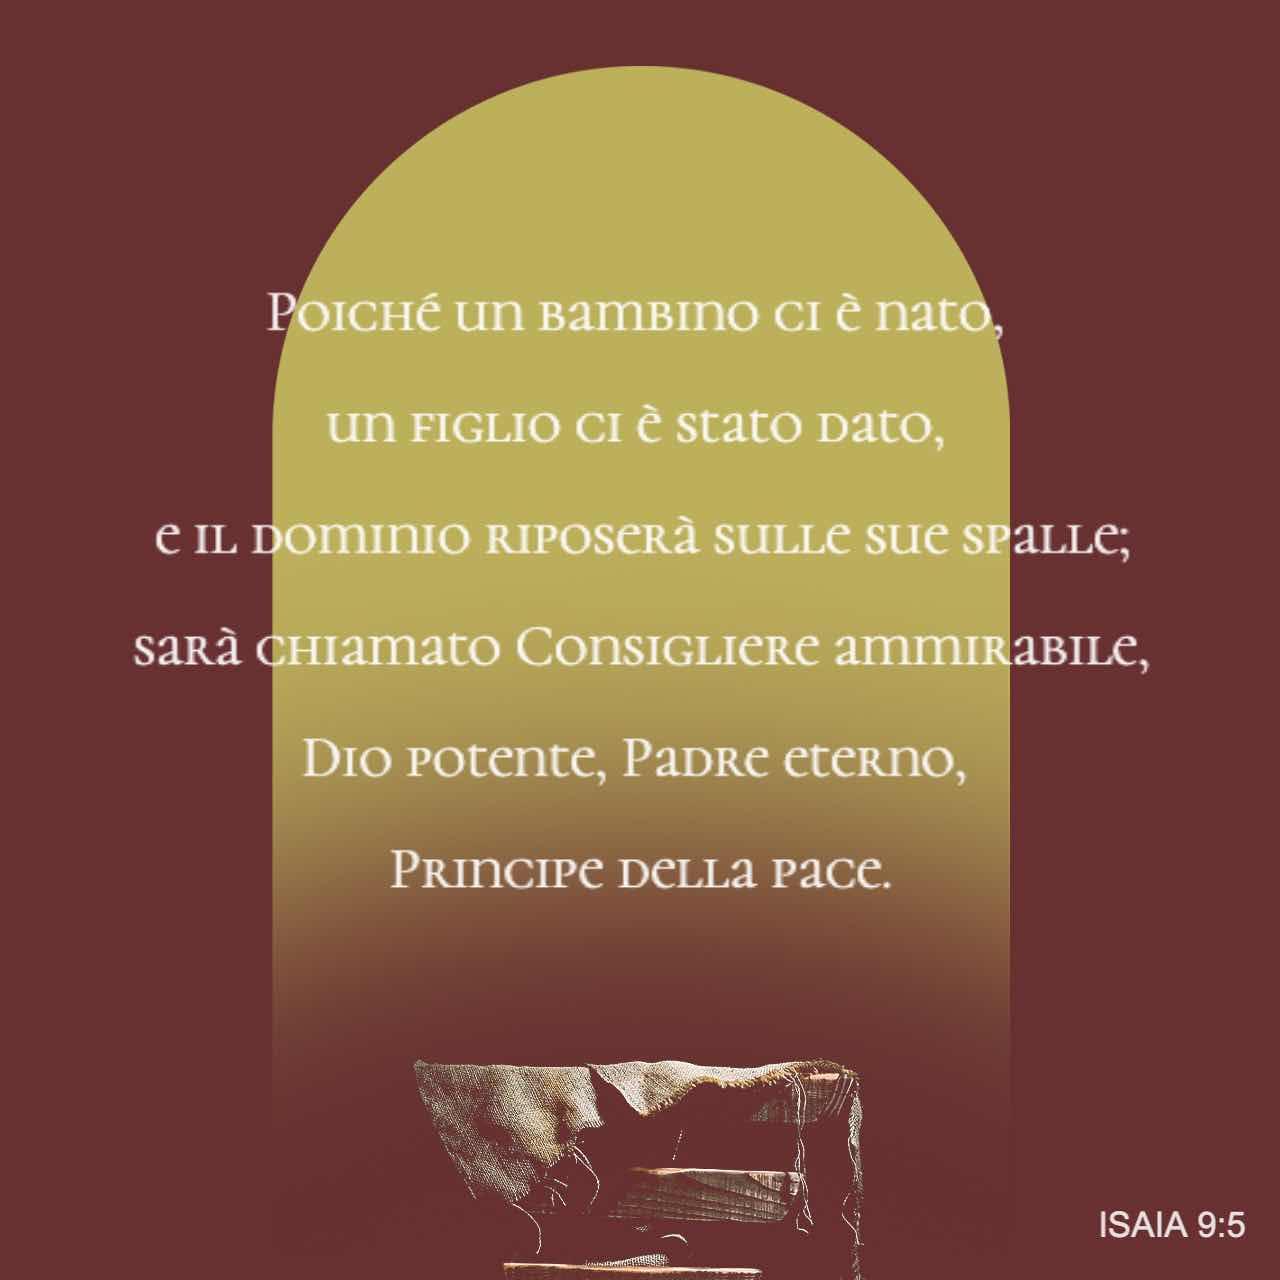 Poiché un bambino ci è nato, un figlio ci è stato dato - Isaia 9:5 - Immagine Versetto